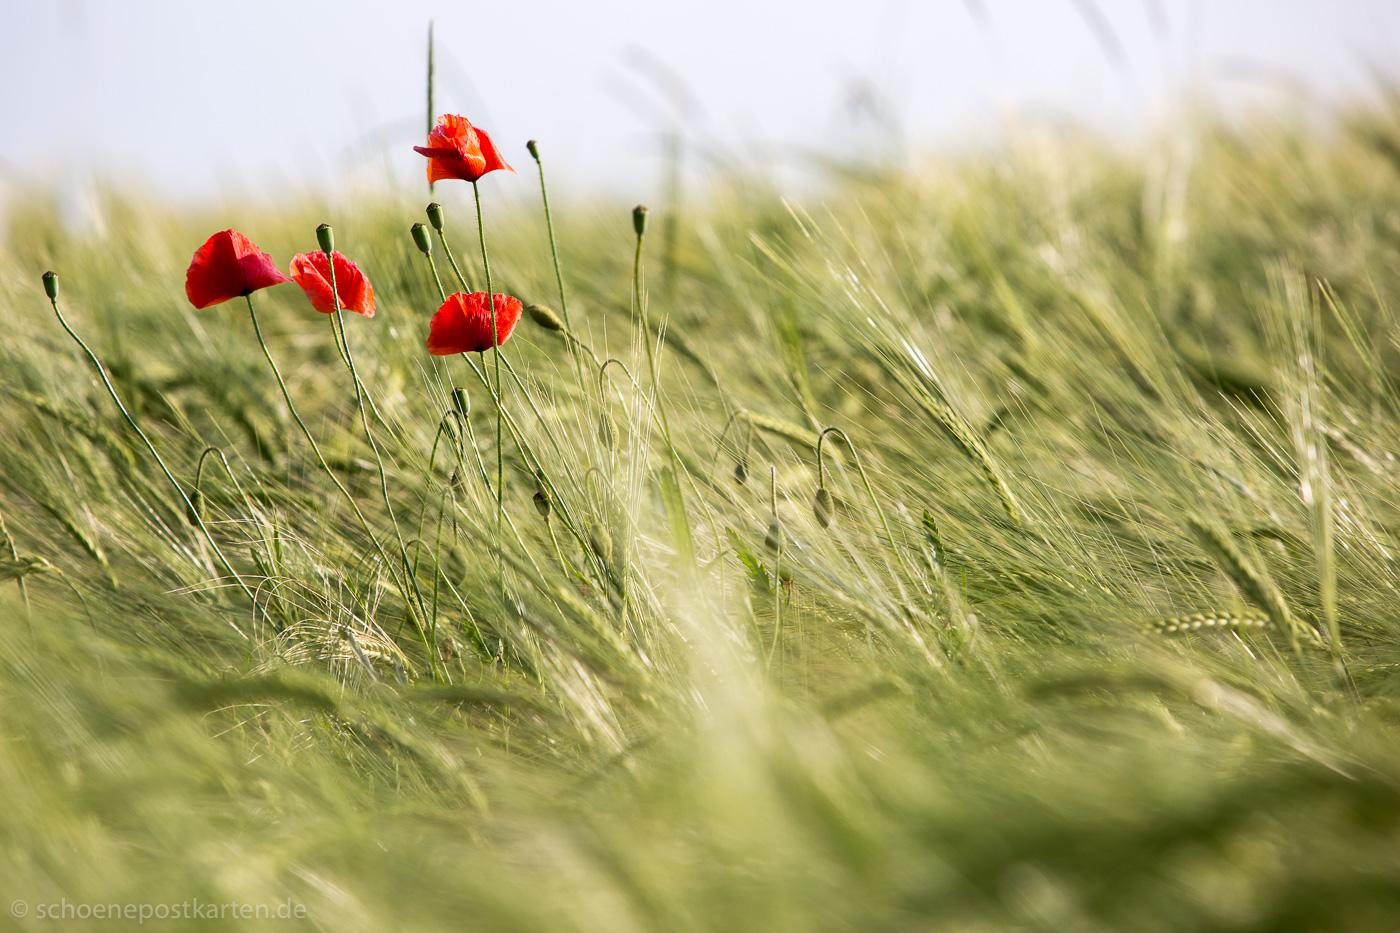 Mohnblüte auf dem Feld. Weltweit gibt es rund 100 Arten aus der Familie der Mohngewächse